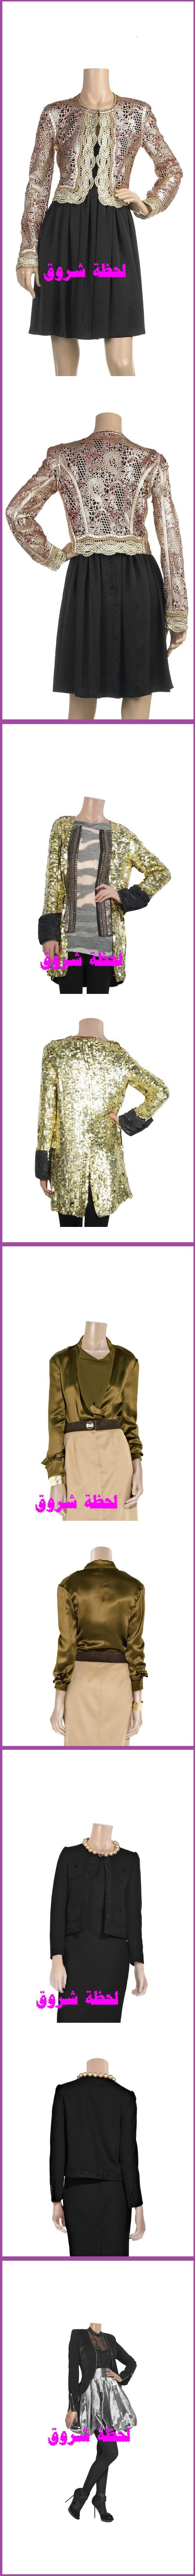 مجموعة ملابس شتويه لا تفوتكم 5jle-badbed12a0.jpg